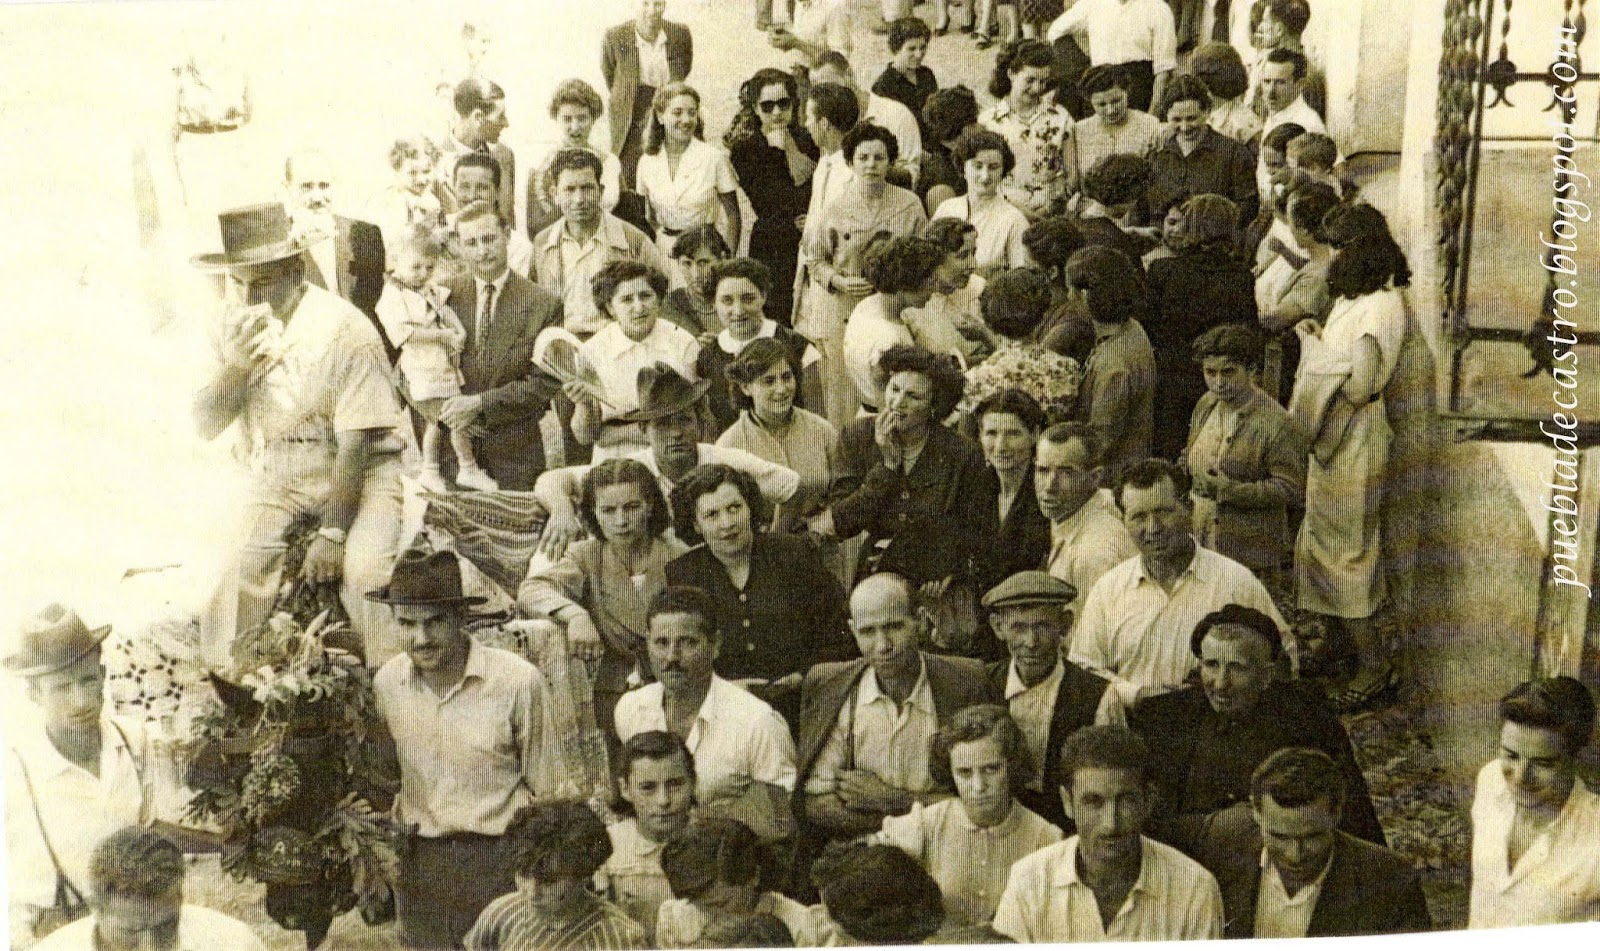 La puebla de castro fiestas en la puebla de castro a o 1952 for 11 marine terrace santa monica